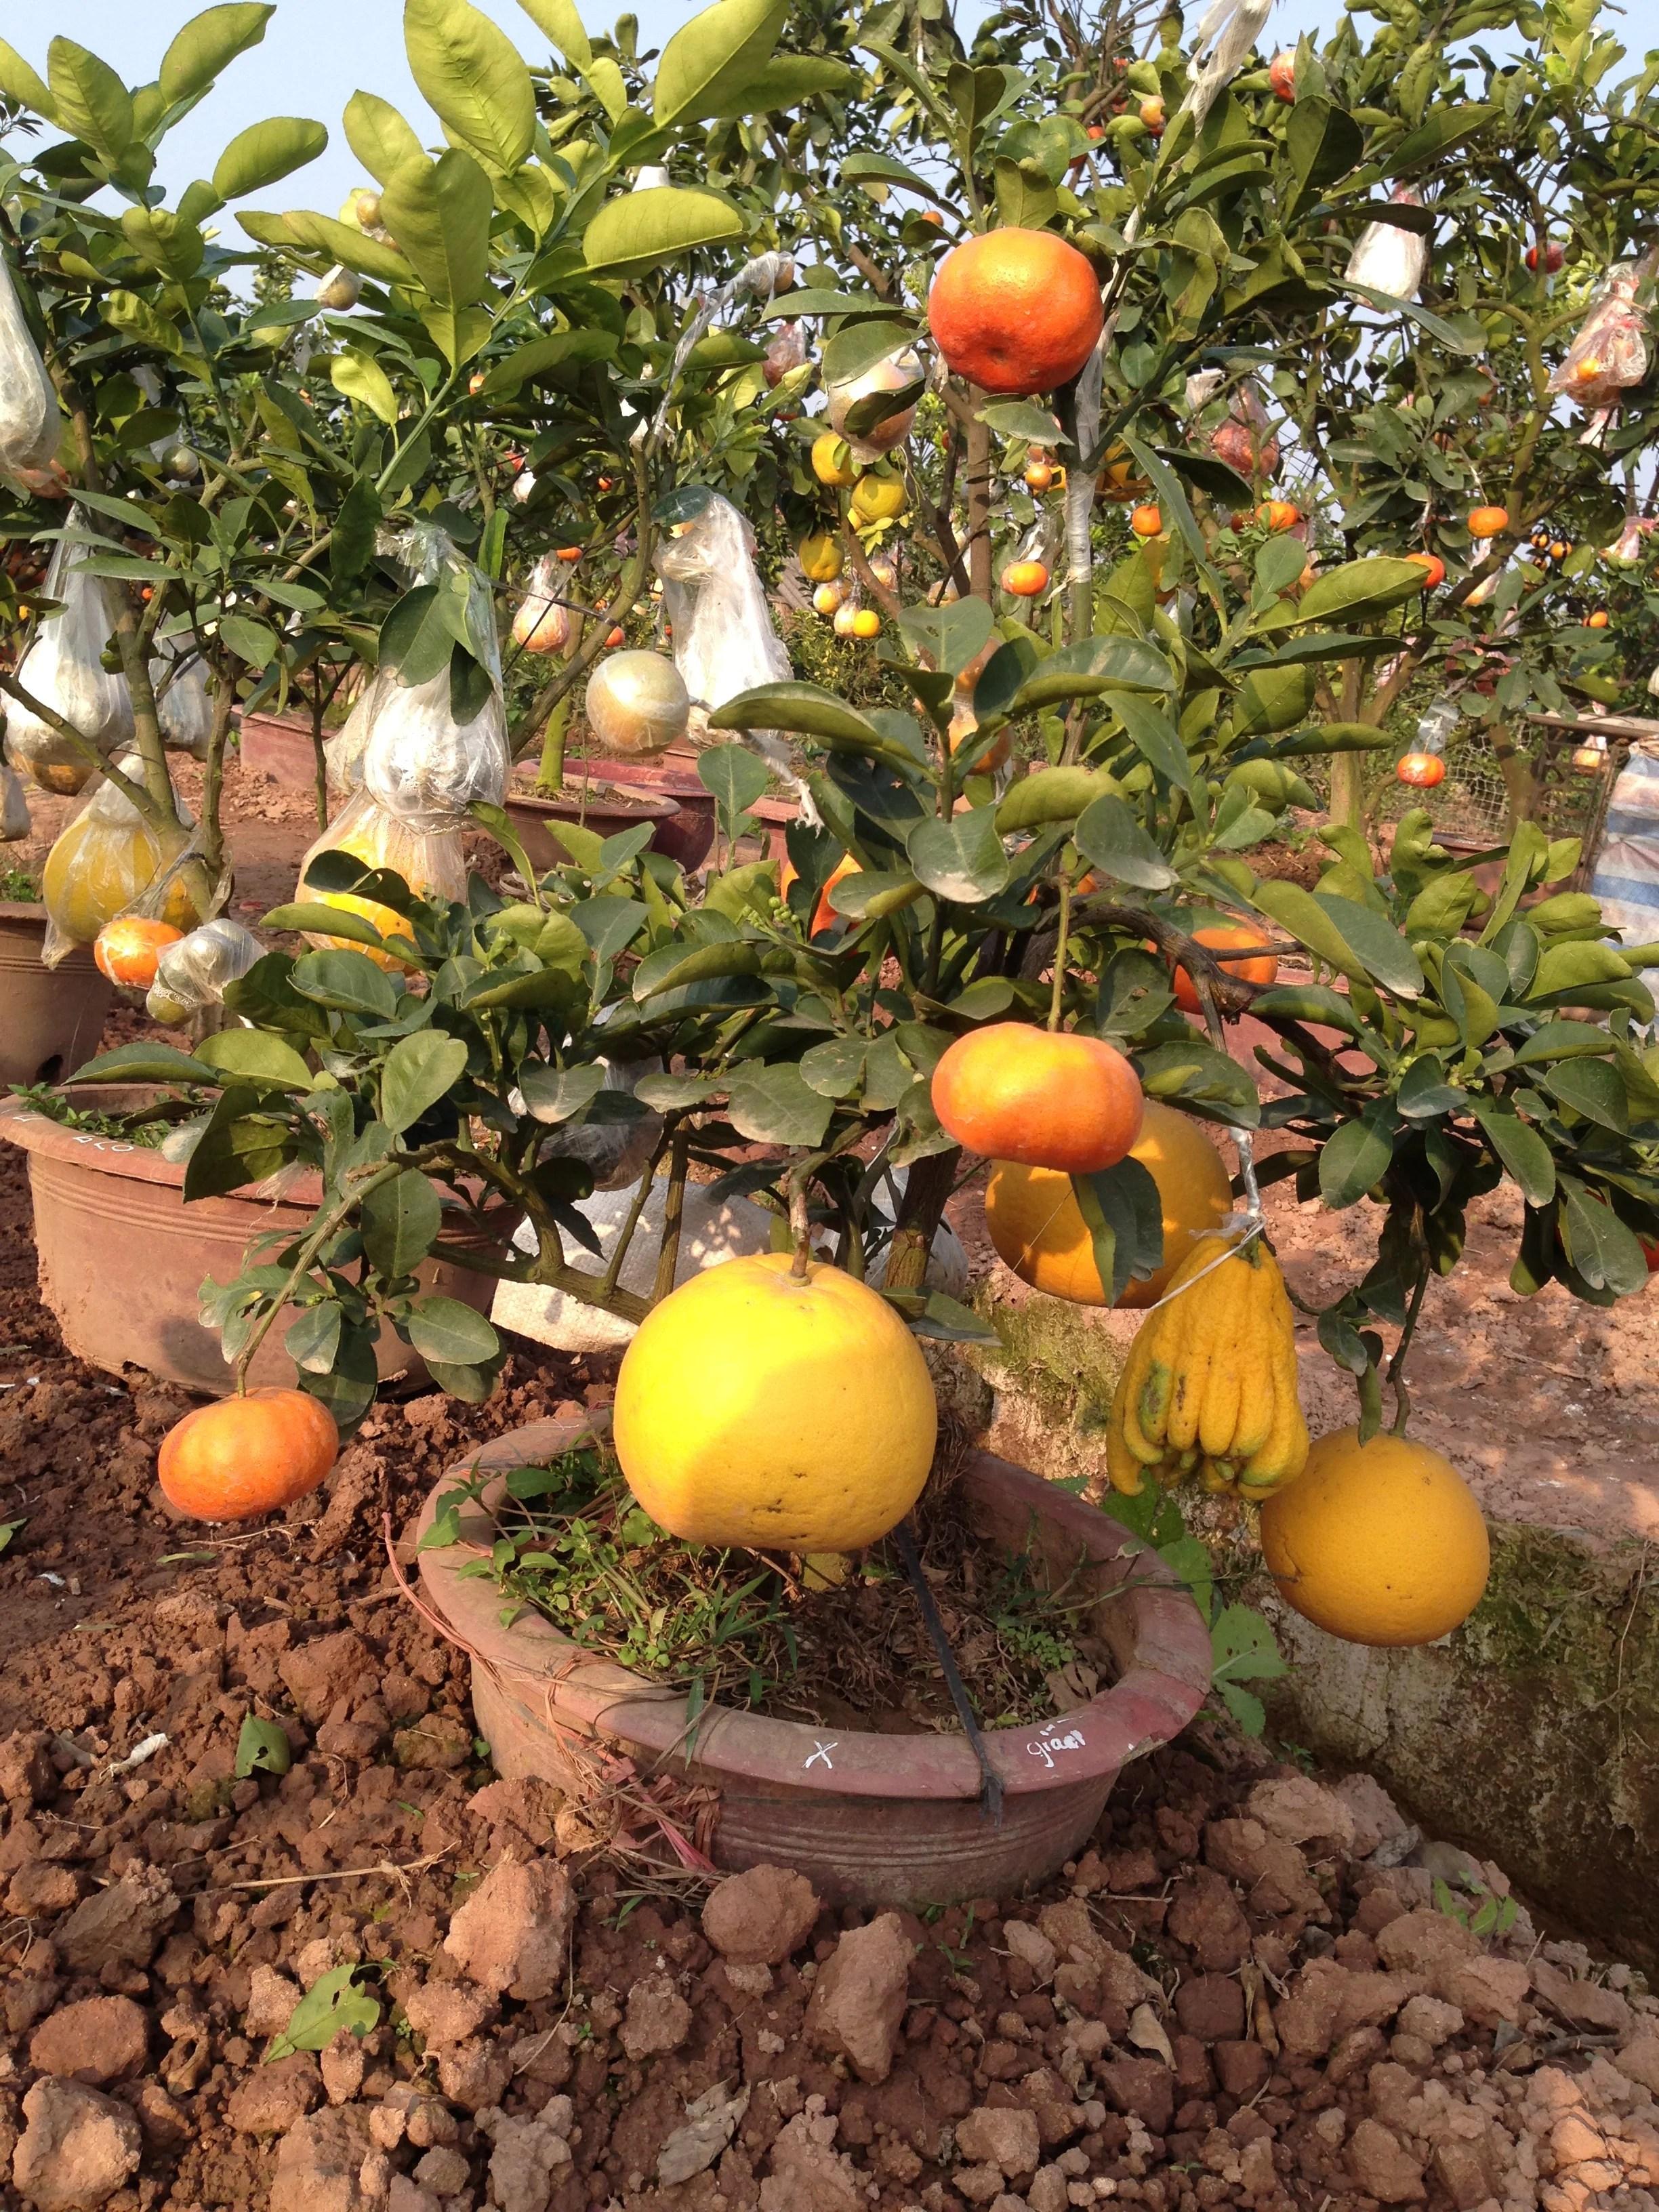 Hình ảnh Chiêm ngưỡng vườn cây Ngũ – Thất - Cửu quả bạc tỷ của lão nông Hà thành số 6